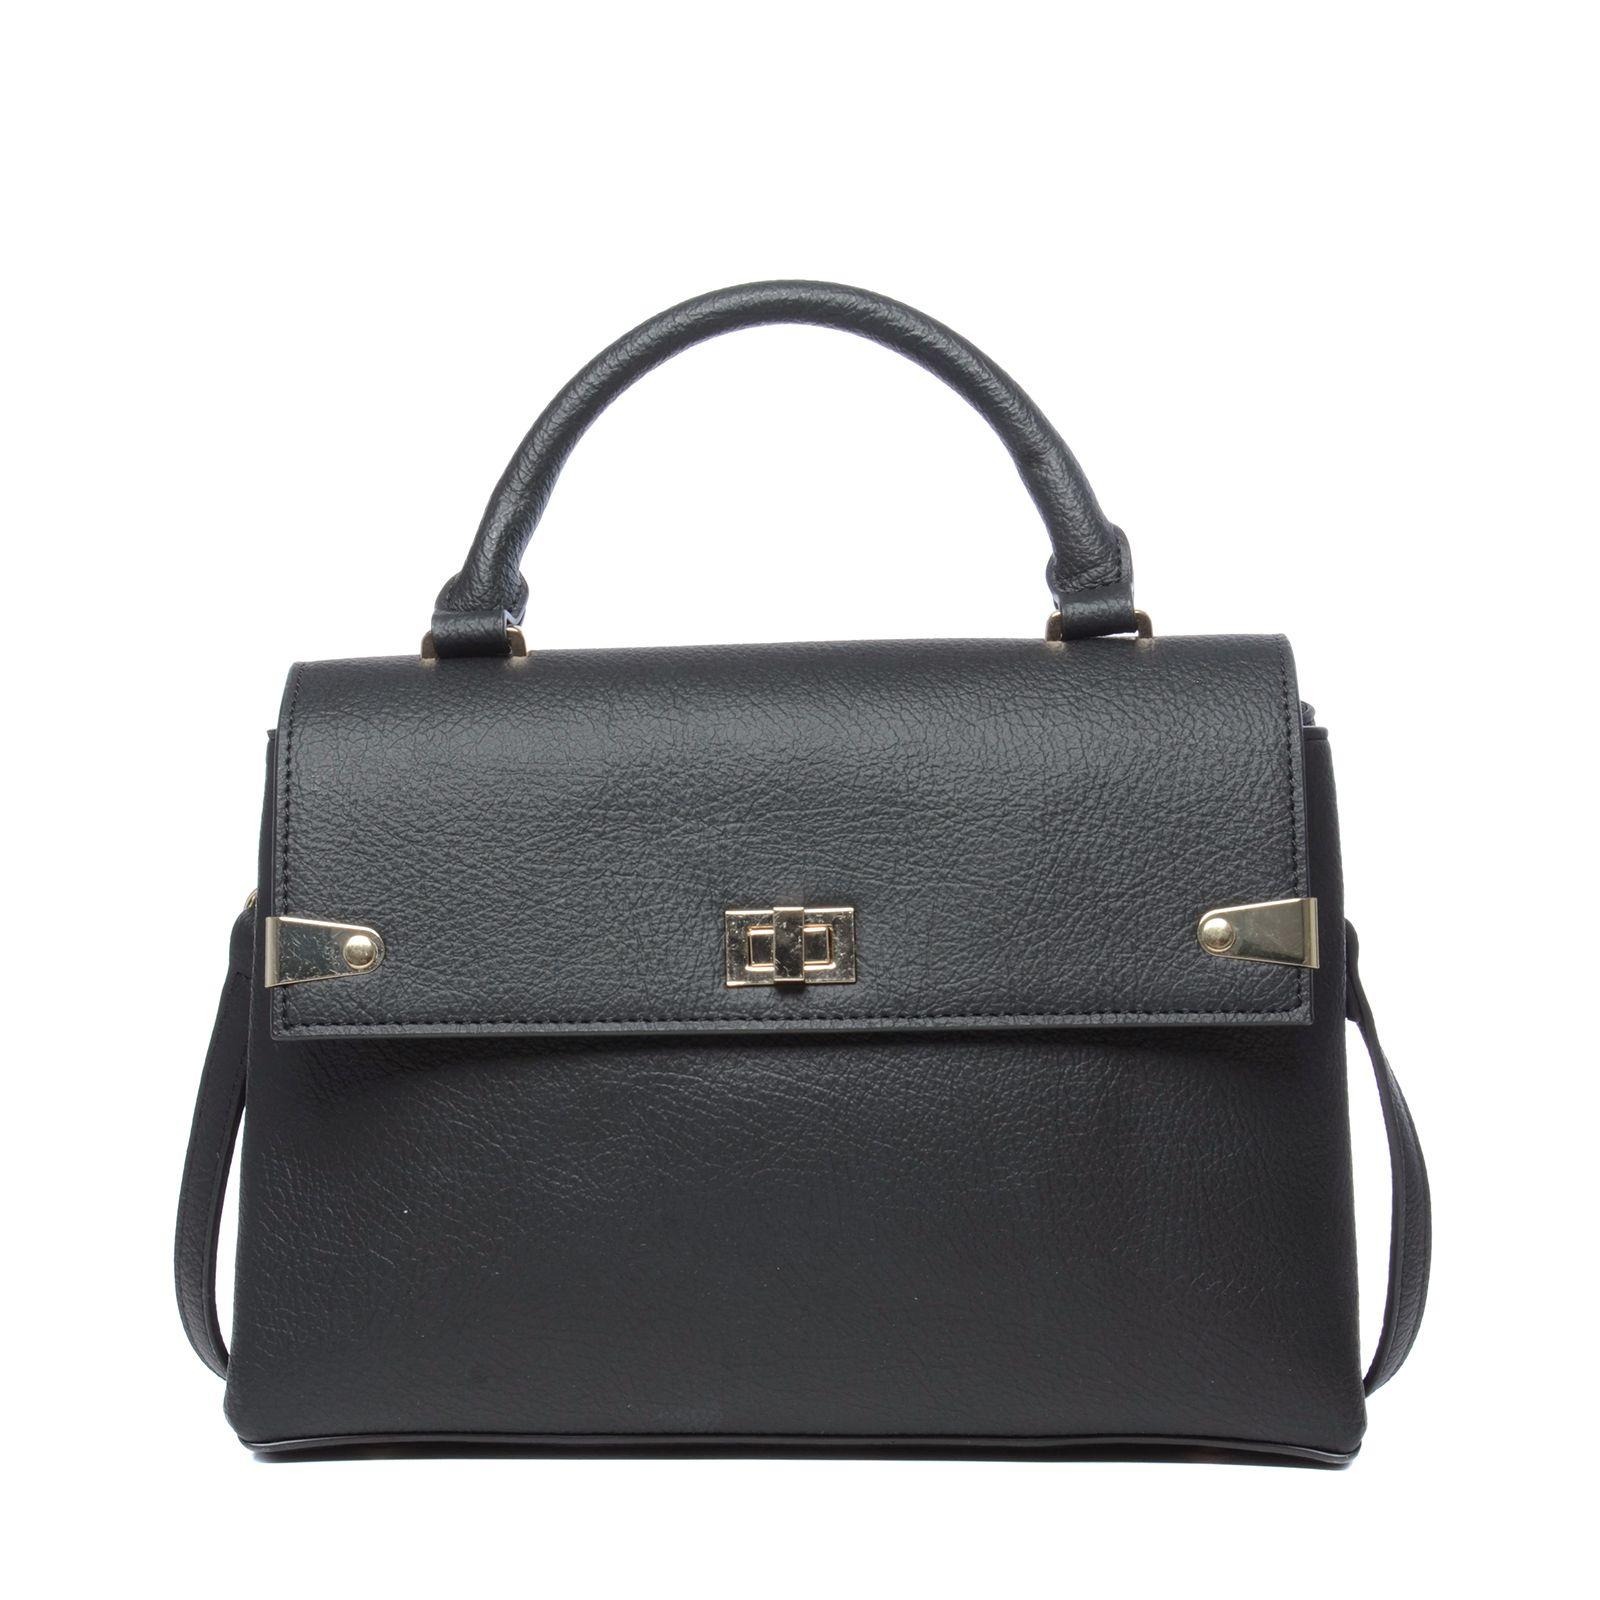 Zwarte schoudertas met gouden details